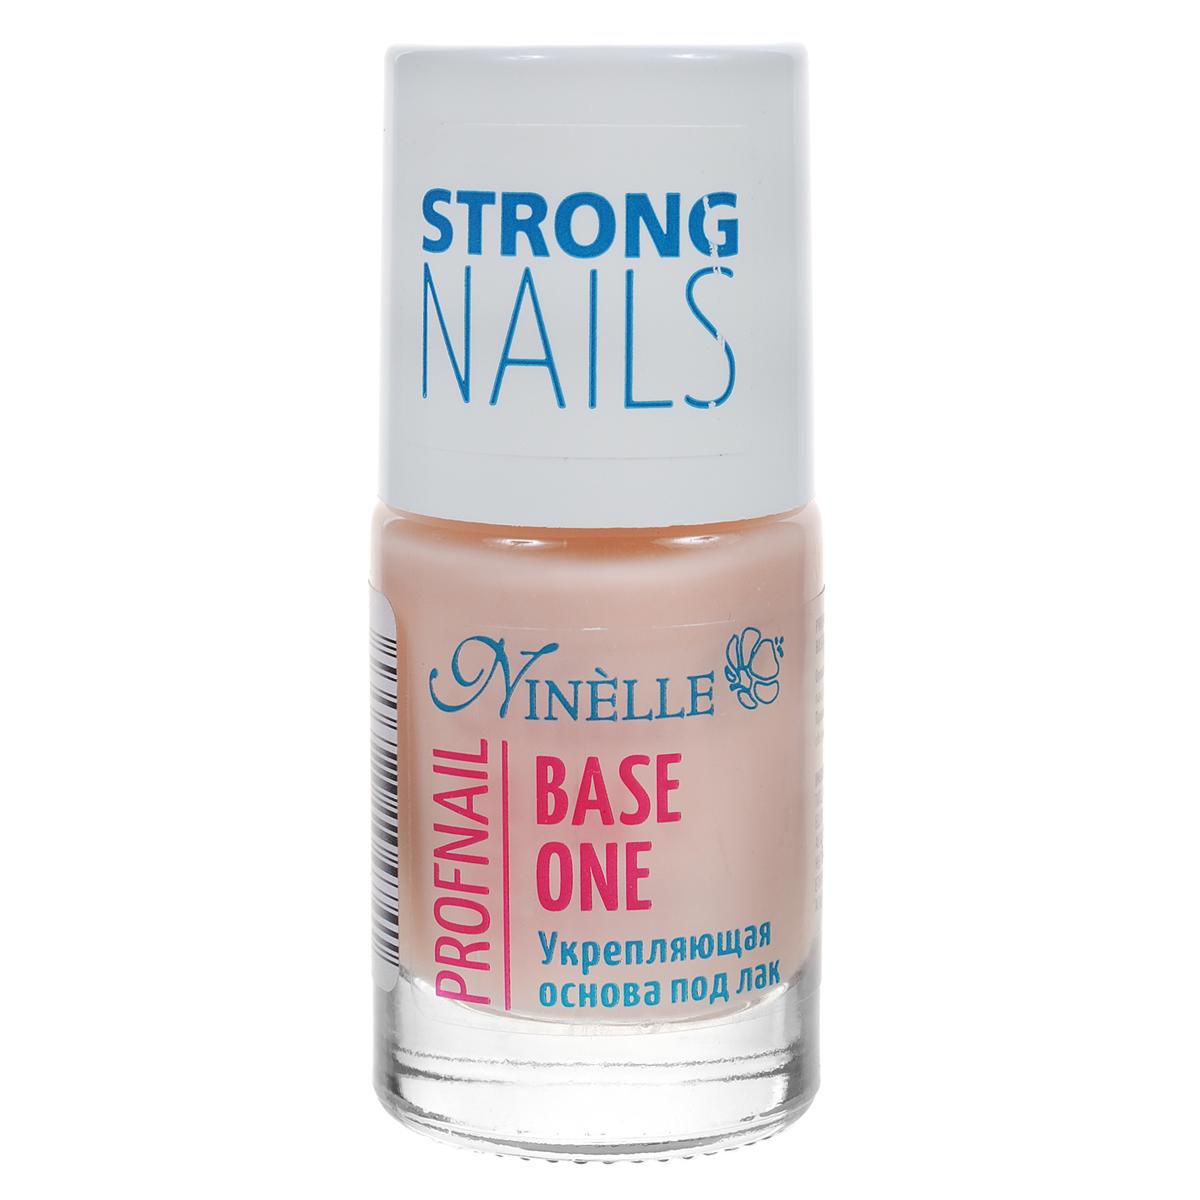 Ninelle Укрепляющая основа под лак Bace One, 11 мл765N10474Тонко сбалансированный состав с витаминами сделает Ваши ногти крепкими, здоровыми и естественными. При нанесении образуется тонкая, прозрачная пленка, которая выравнивает и сглаживает дефекты. Быстро сохнет, защищает ноготь от воздействия окружающей среды. Товар сертифицирован.